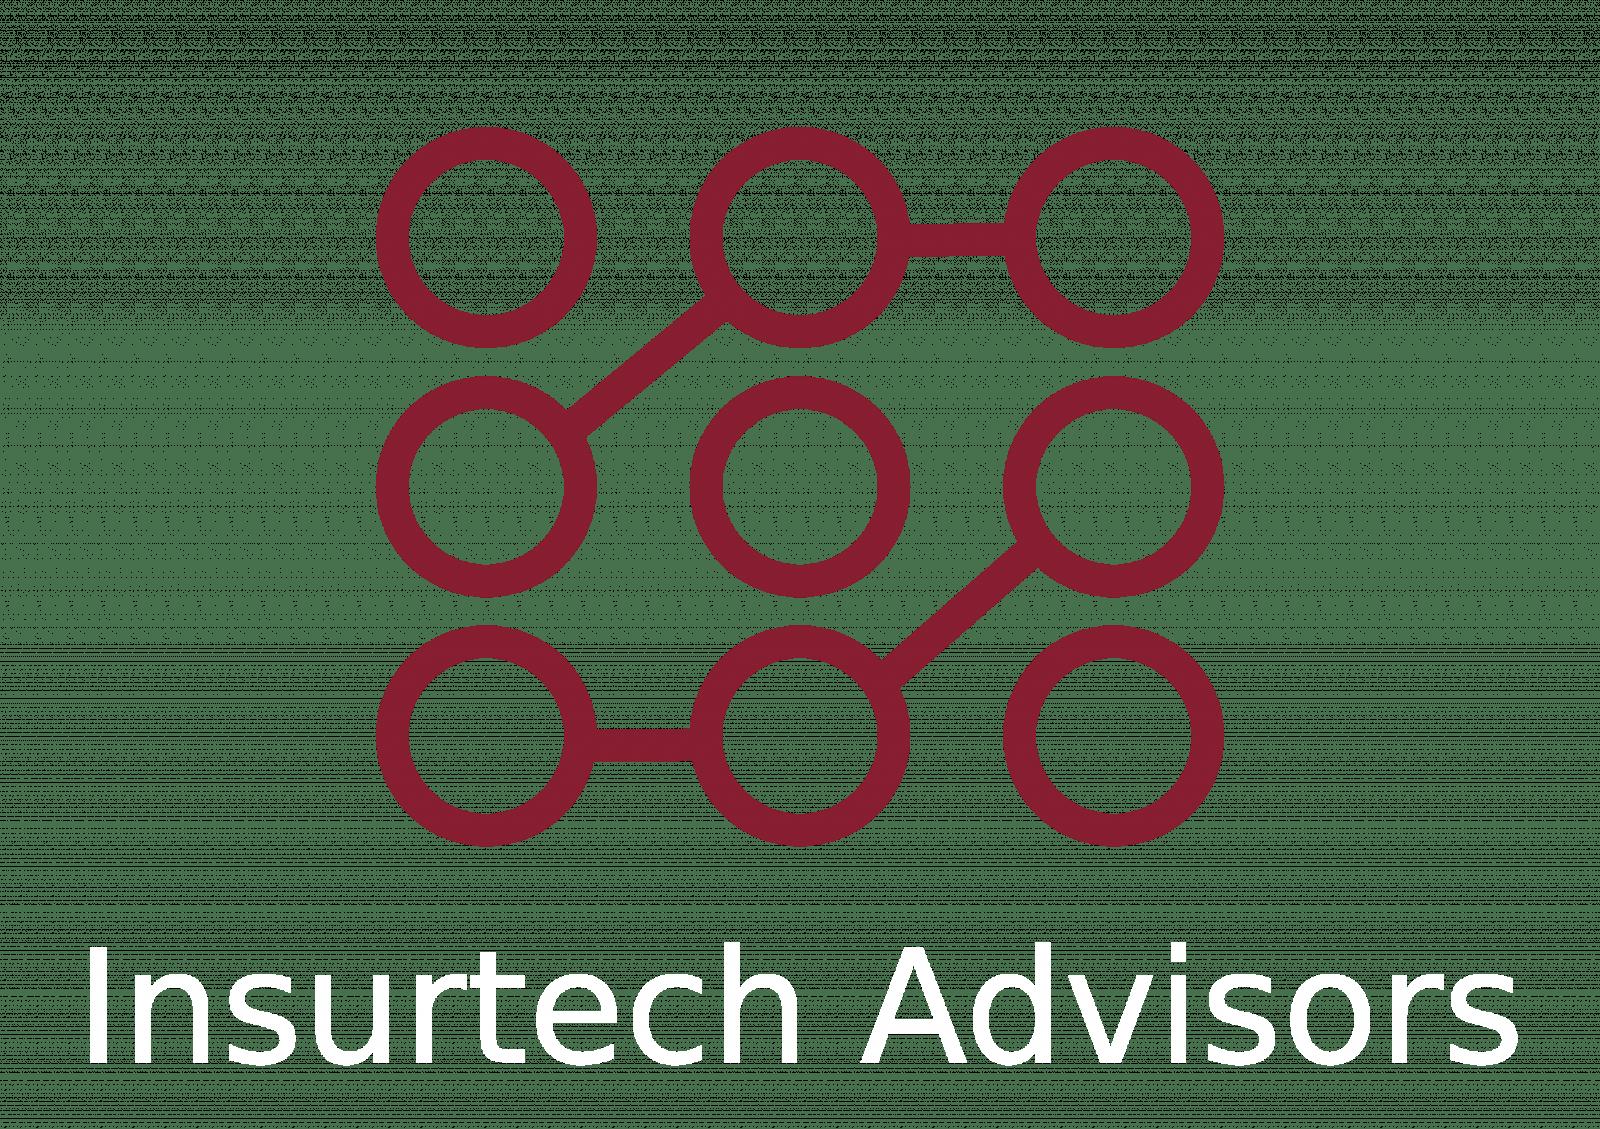 InsurTech Advisors